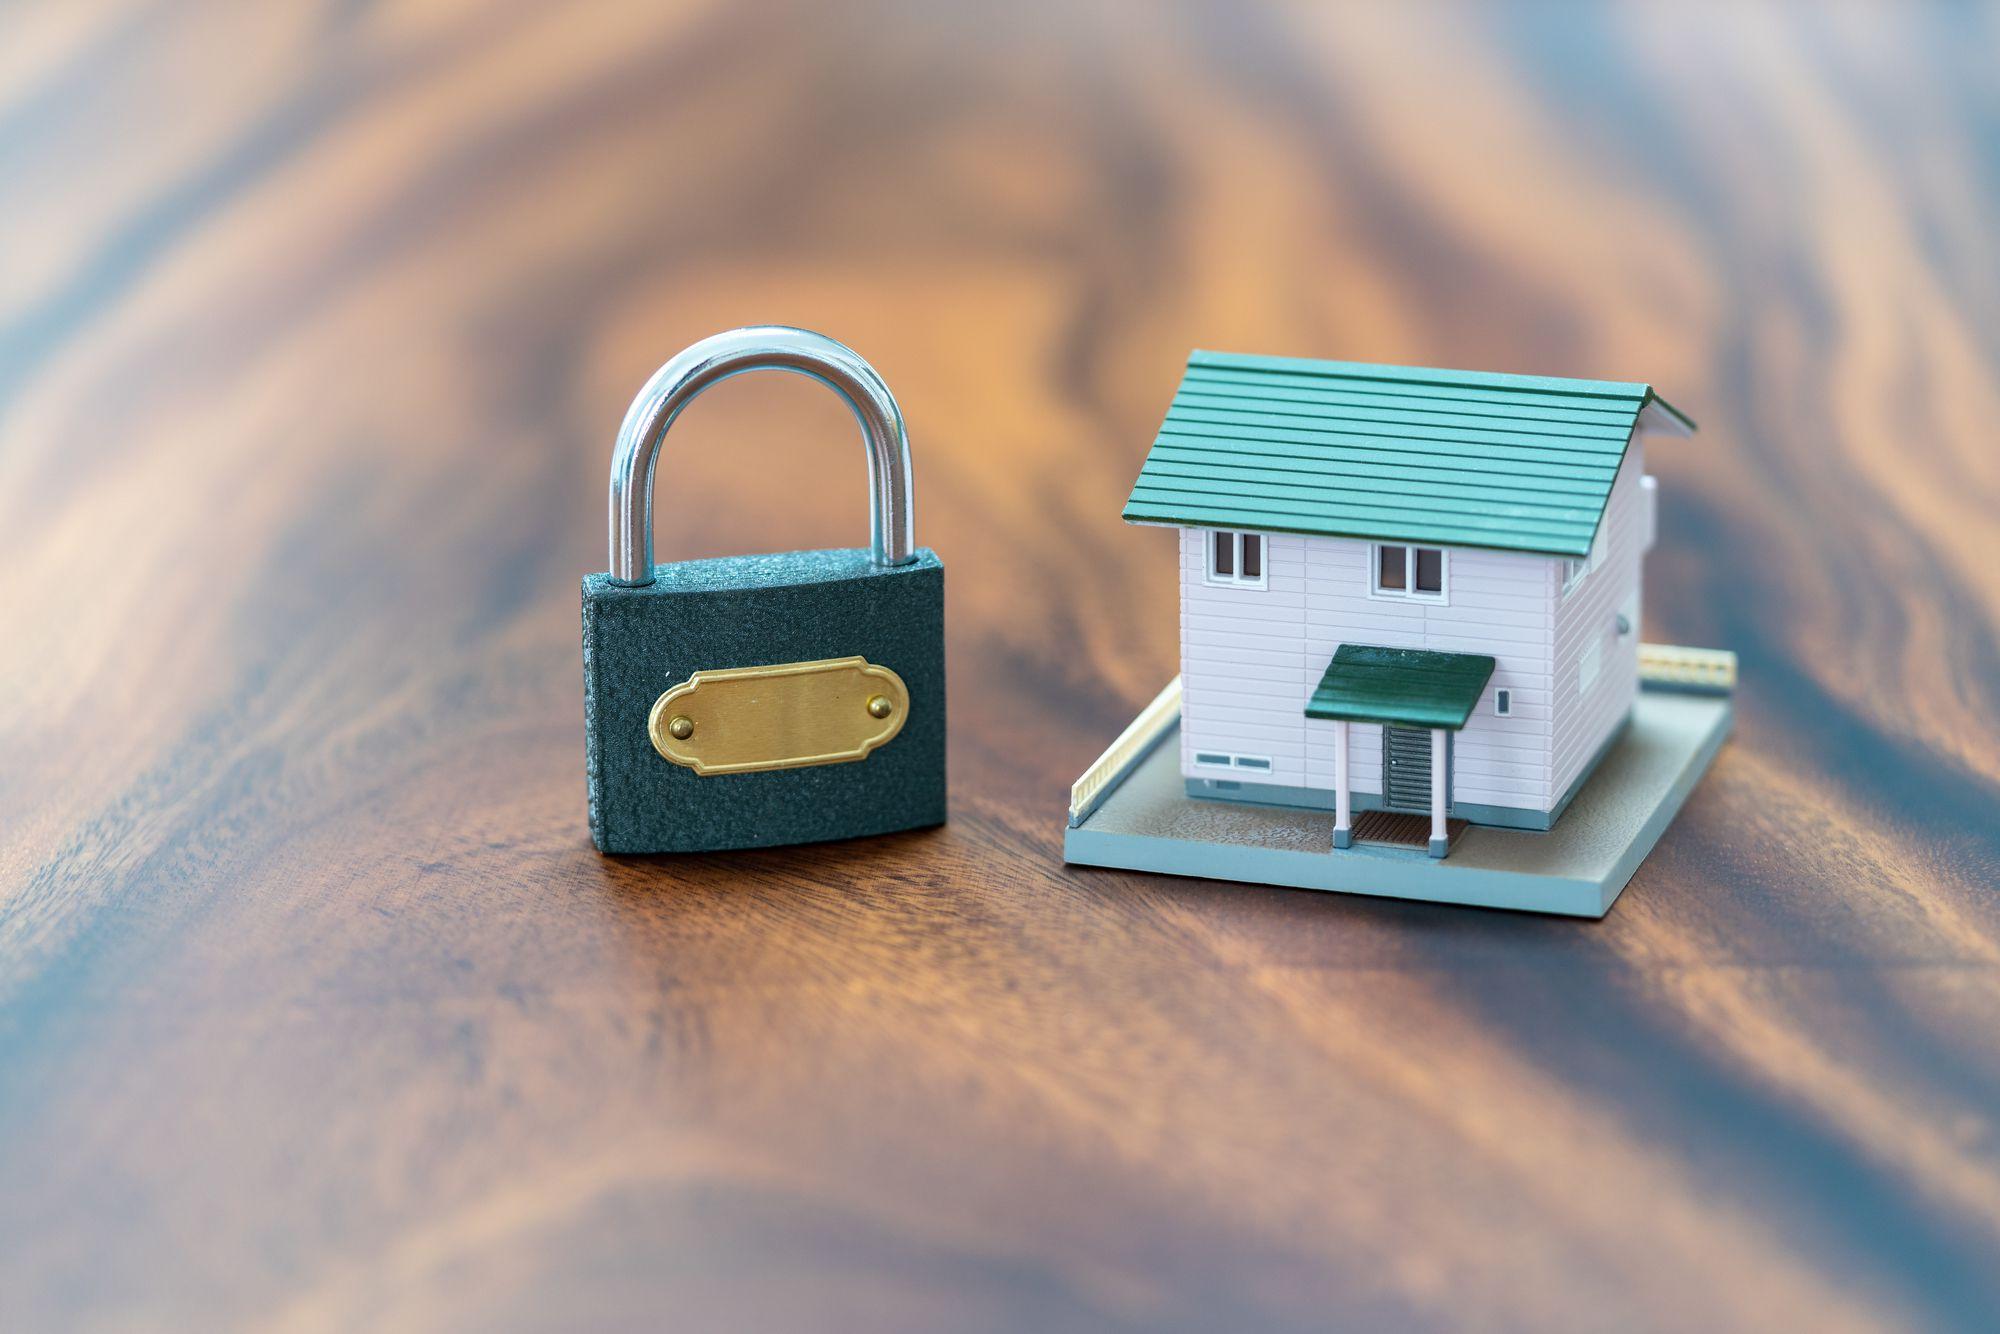 きちんと防犯設備を整えた注文住宅を建てよう!